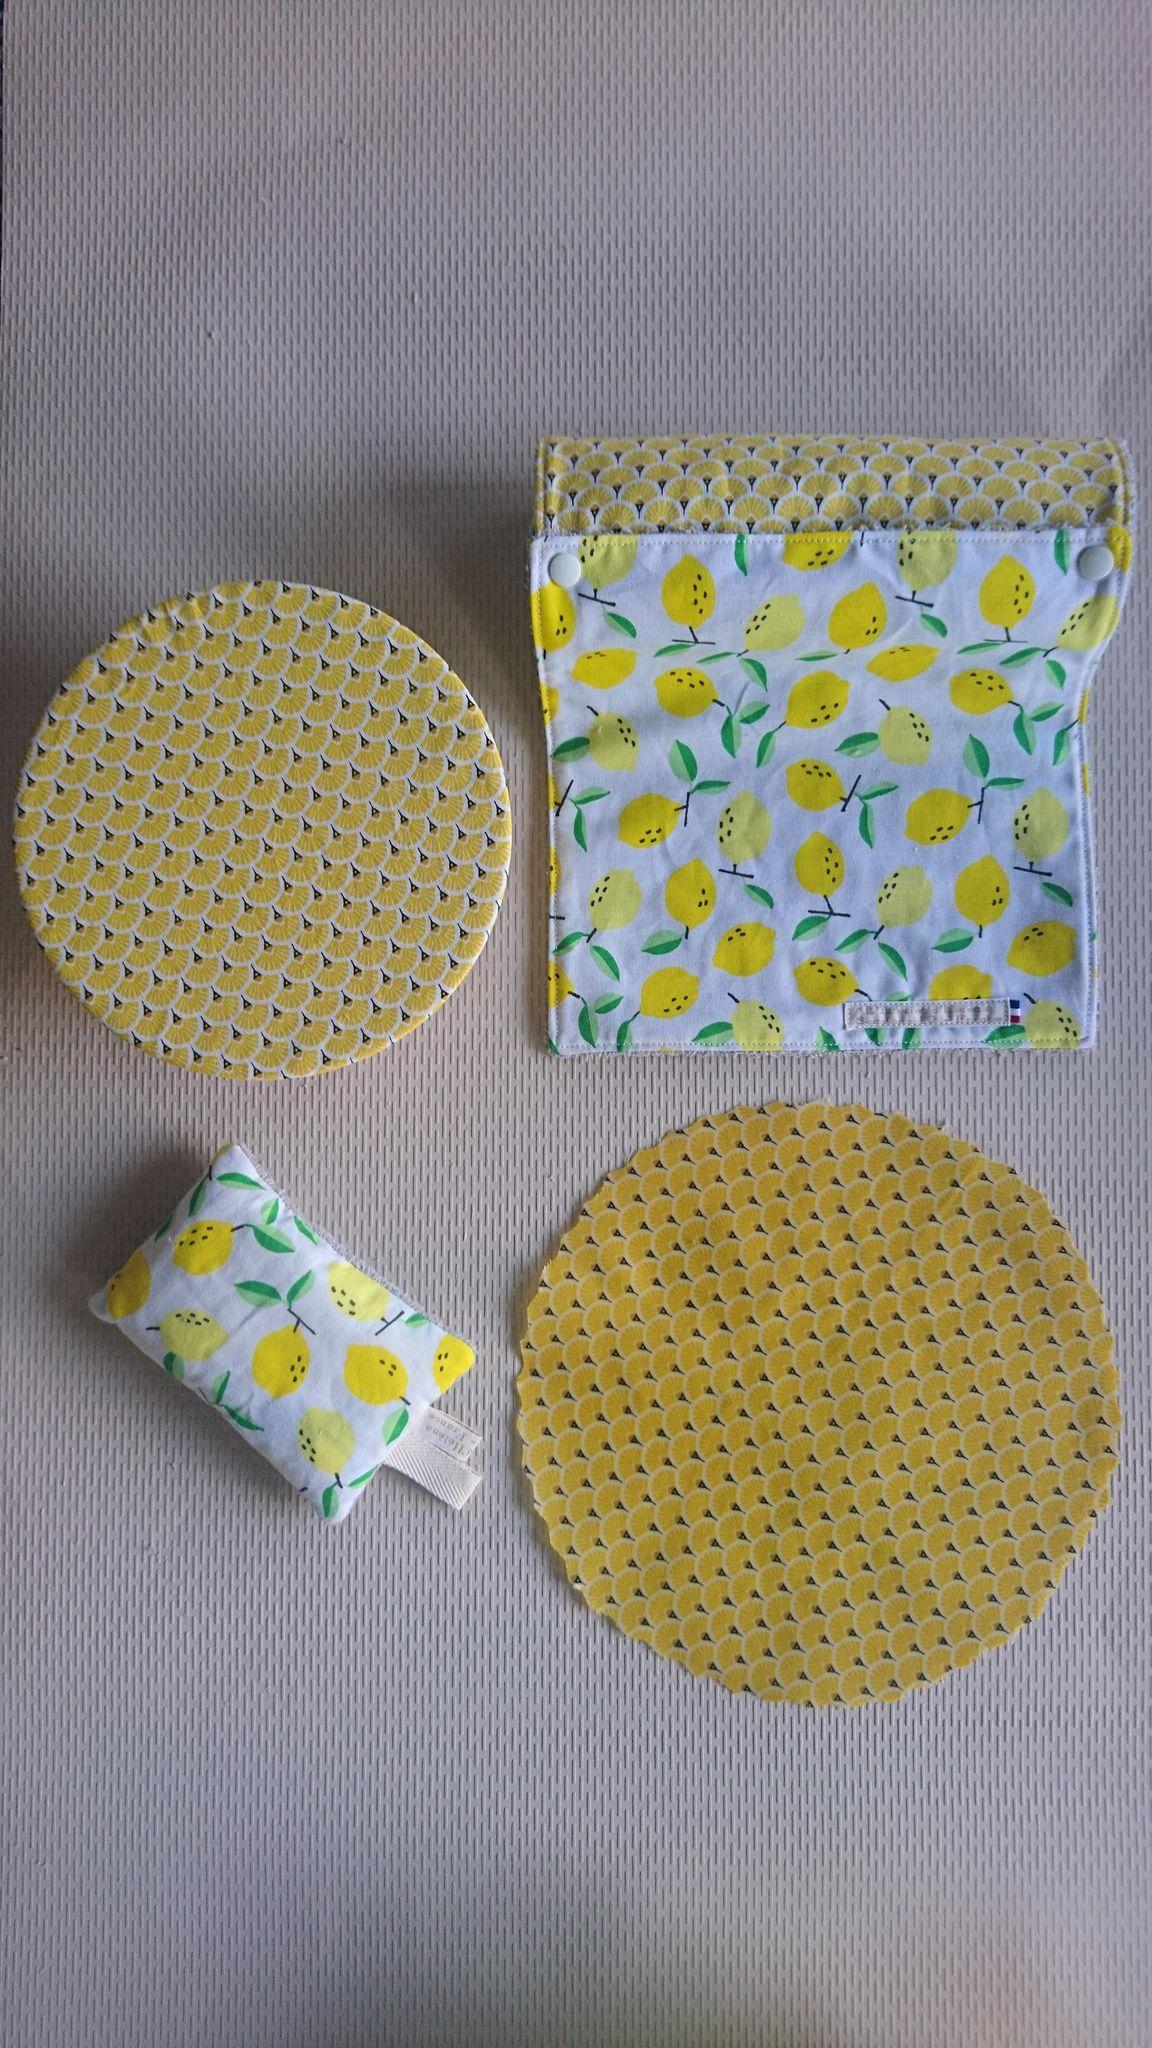 Kit démarrage Zéro déchet - éventails & citrons jaunes